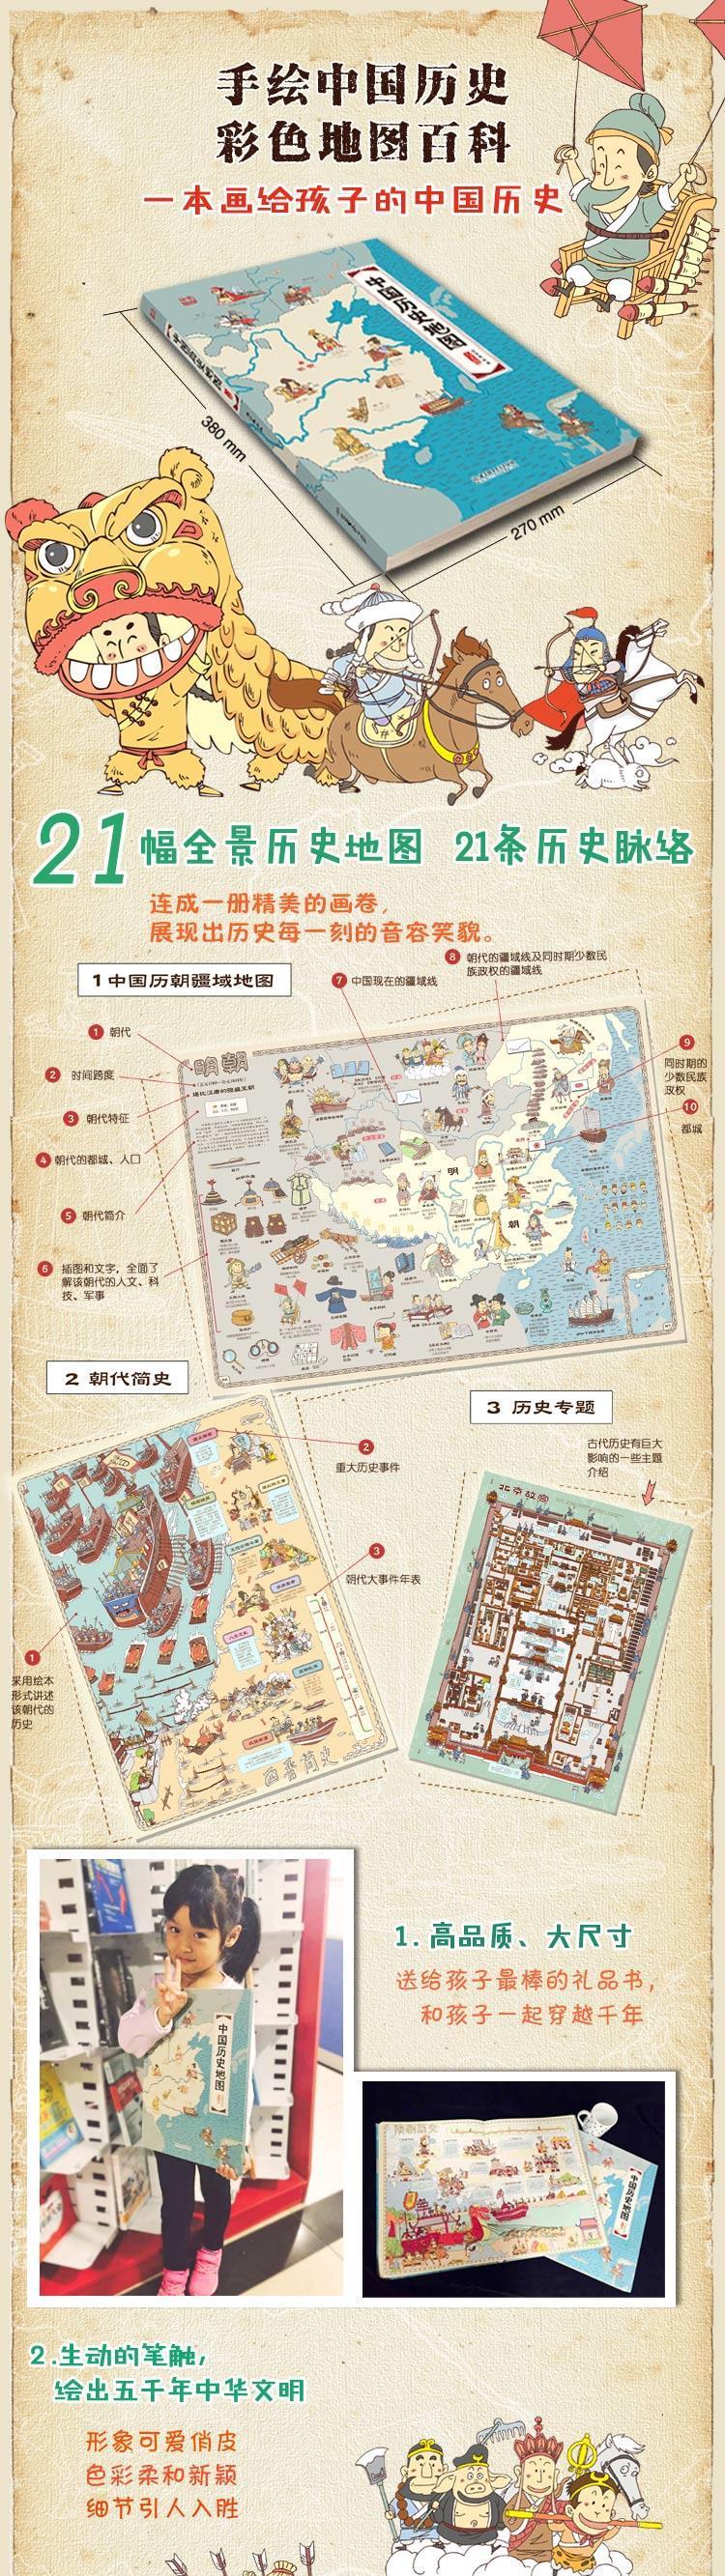 正版 中国历史地图人文版手绘8开洋洋兔绘本 精装图册 漫画中国历史